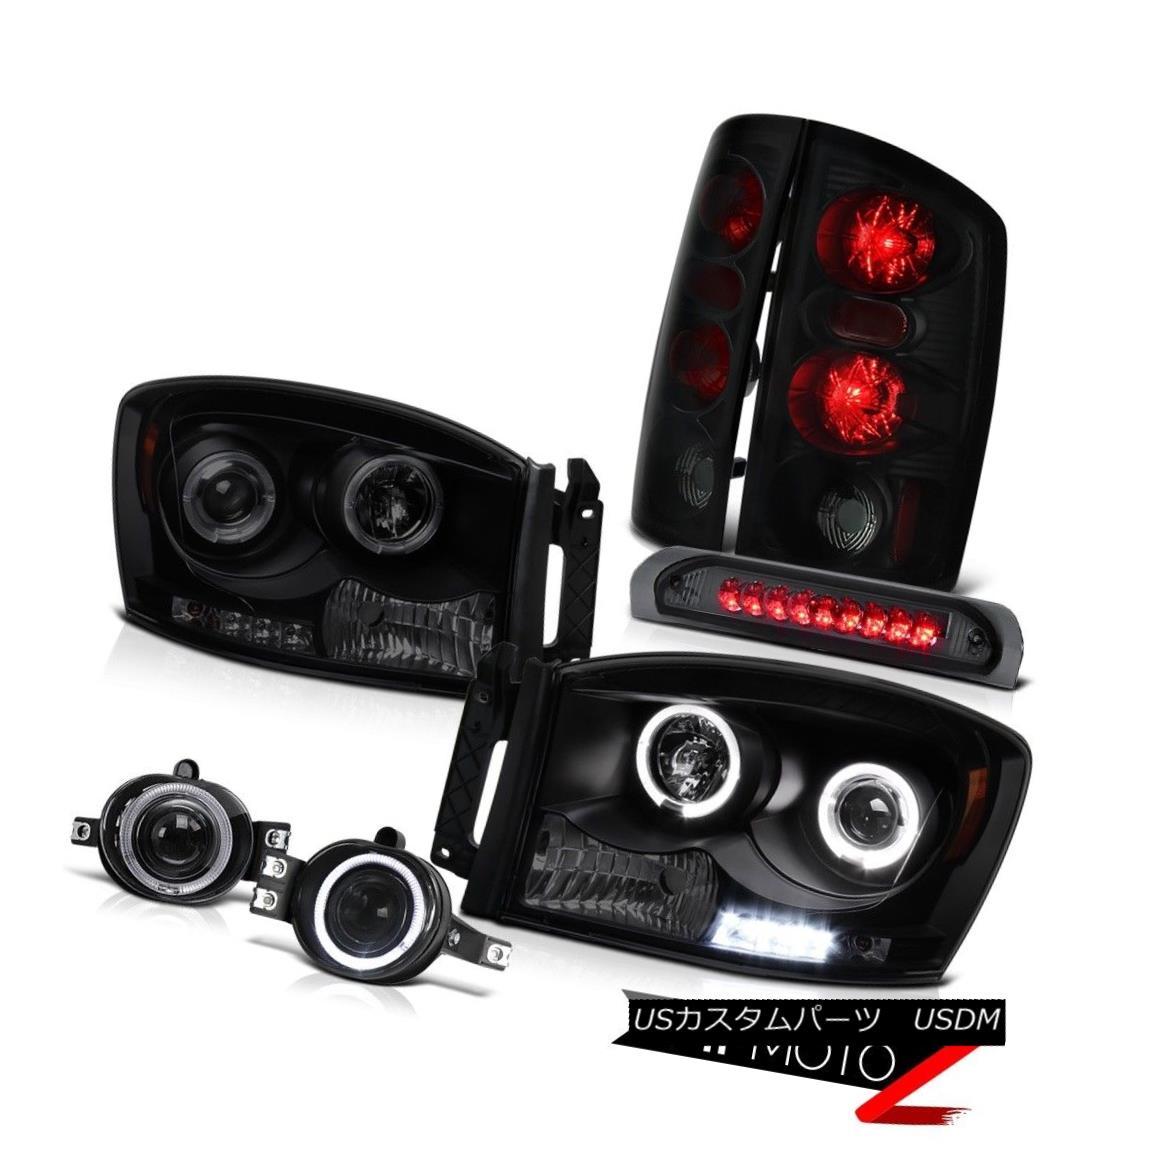 テールライト 2006 Dodge Ram 5.9L Projector Angel Eye Headlight LED SMD DRL Foglight Stop Lamp 2006 Dodge Ram 5.9LプロジェクターエンジェルアイヘッドライトLED SMD DRLフォグライトストップランプ